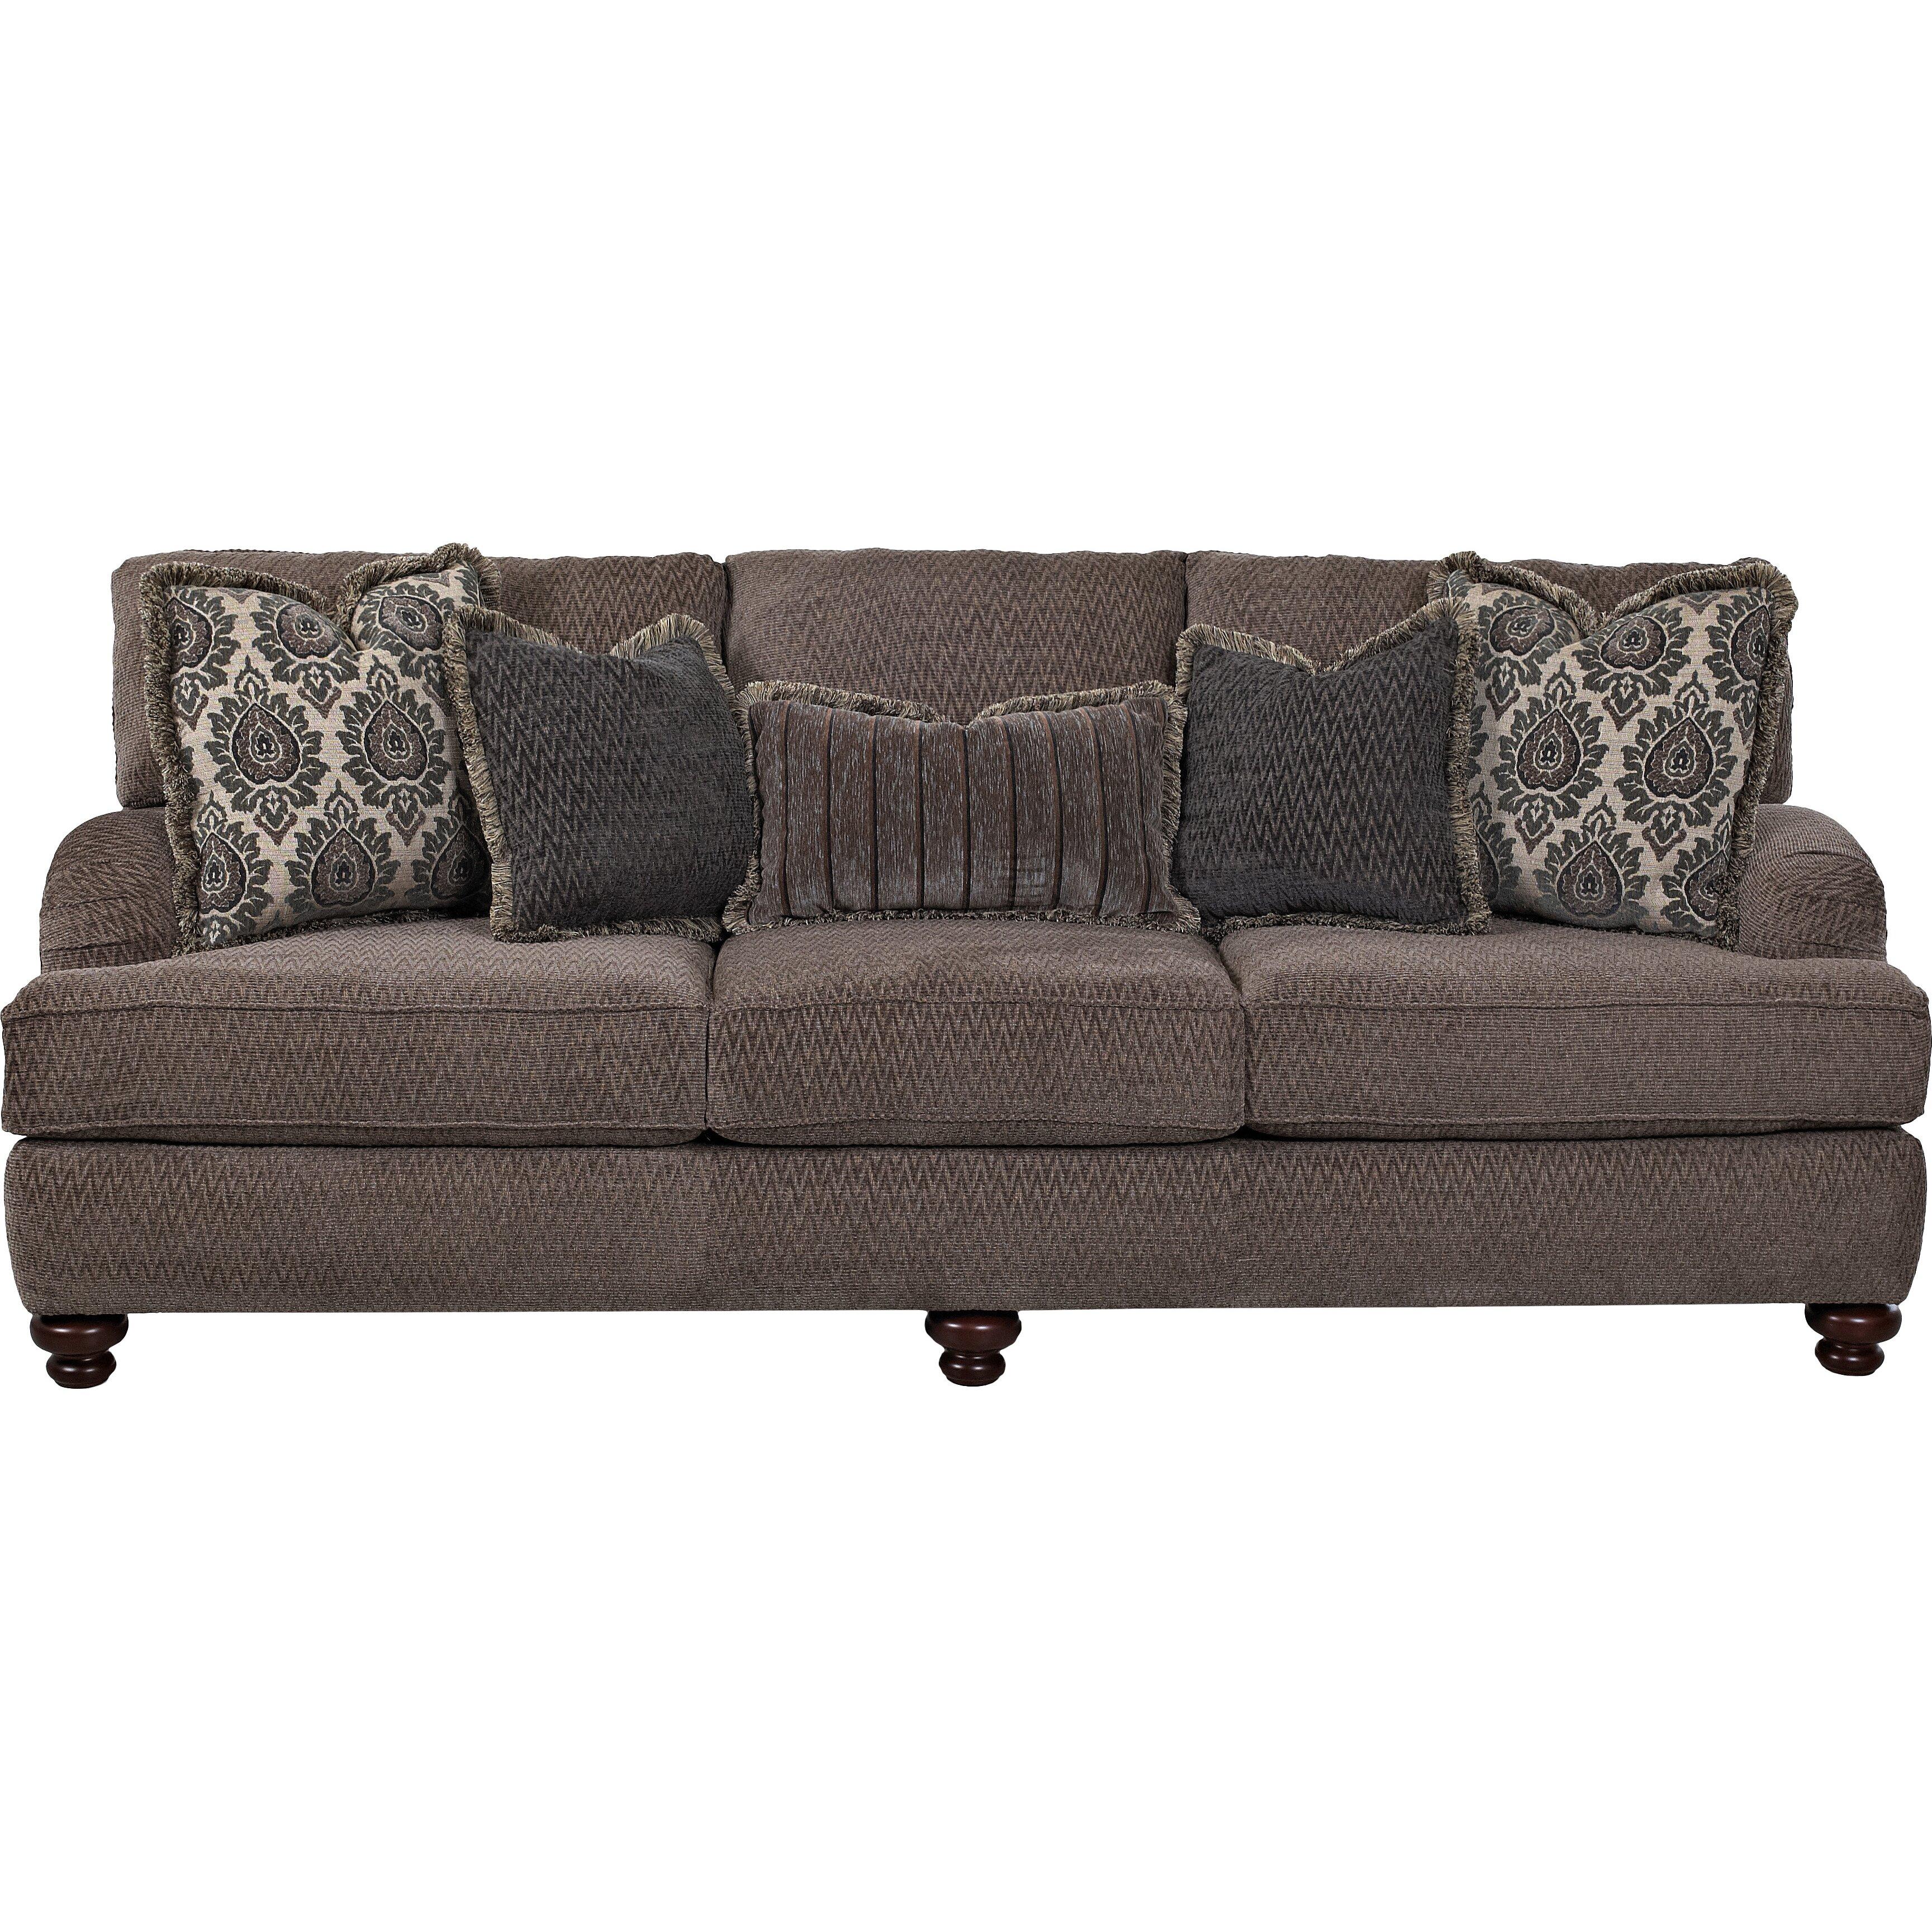 Klaussner furniture jack sofa wayfair for Klaussner sofa